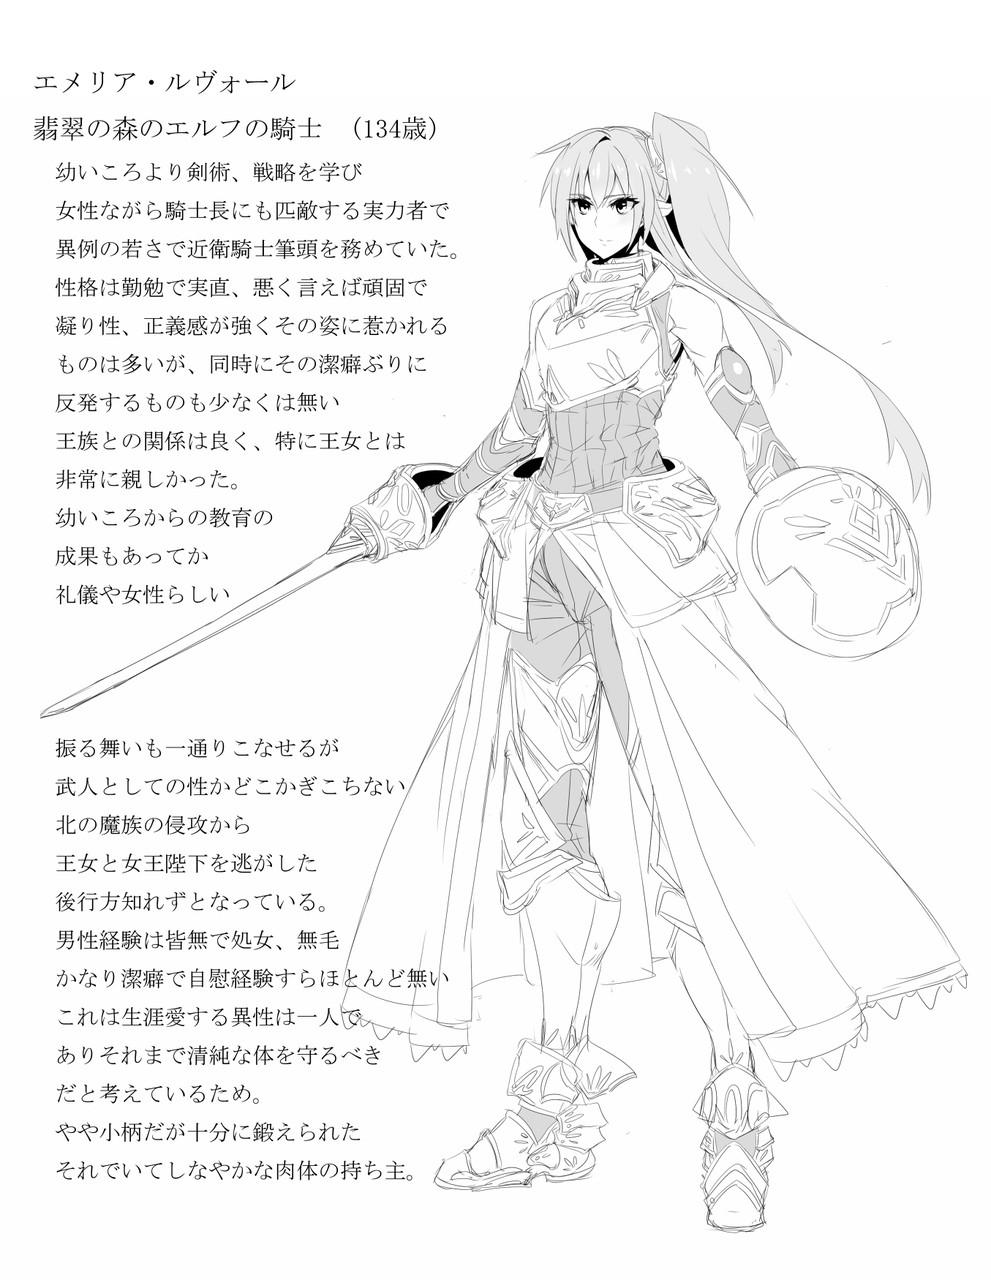 【ストーリーエロ画像】「くっ、殺せ!」っぽい女騎士が魔族に調教レイプされちゃってるwww